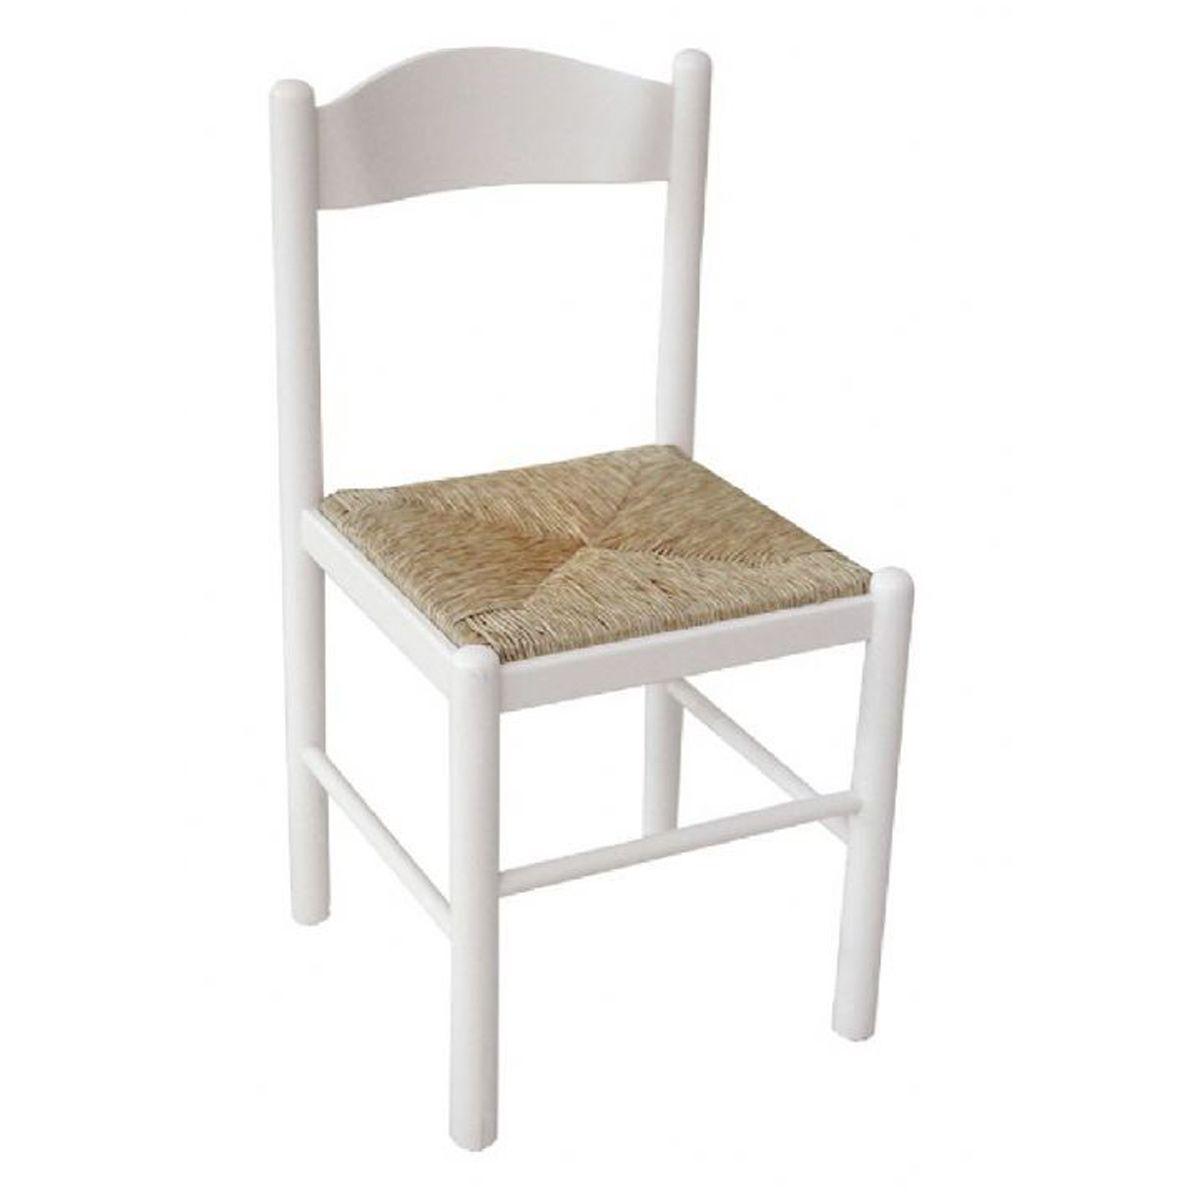 Sedie Per Cucina Offerta.Pisa Sconto 50 Sedia Da Cucina In Legno Di Faccio